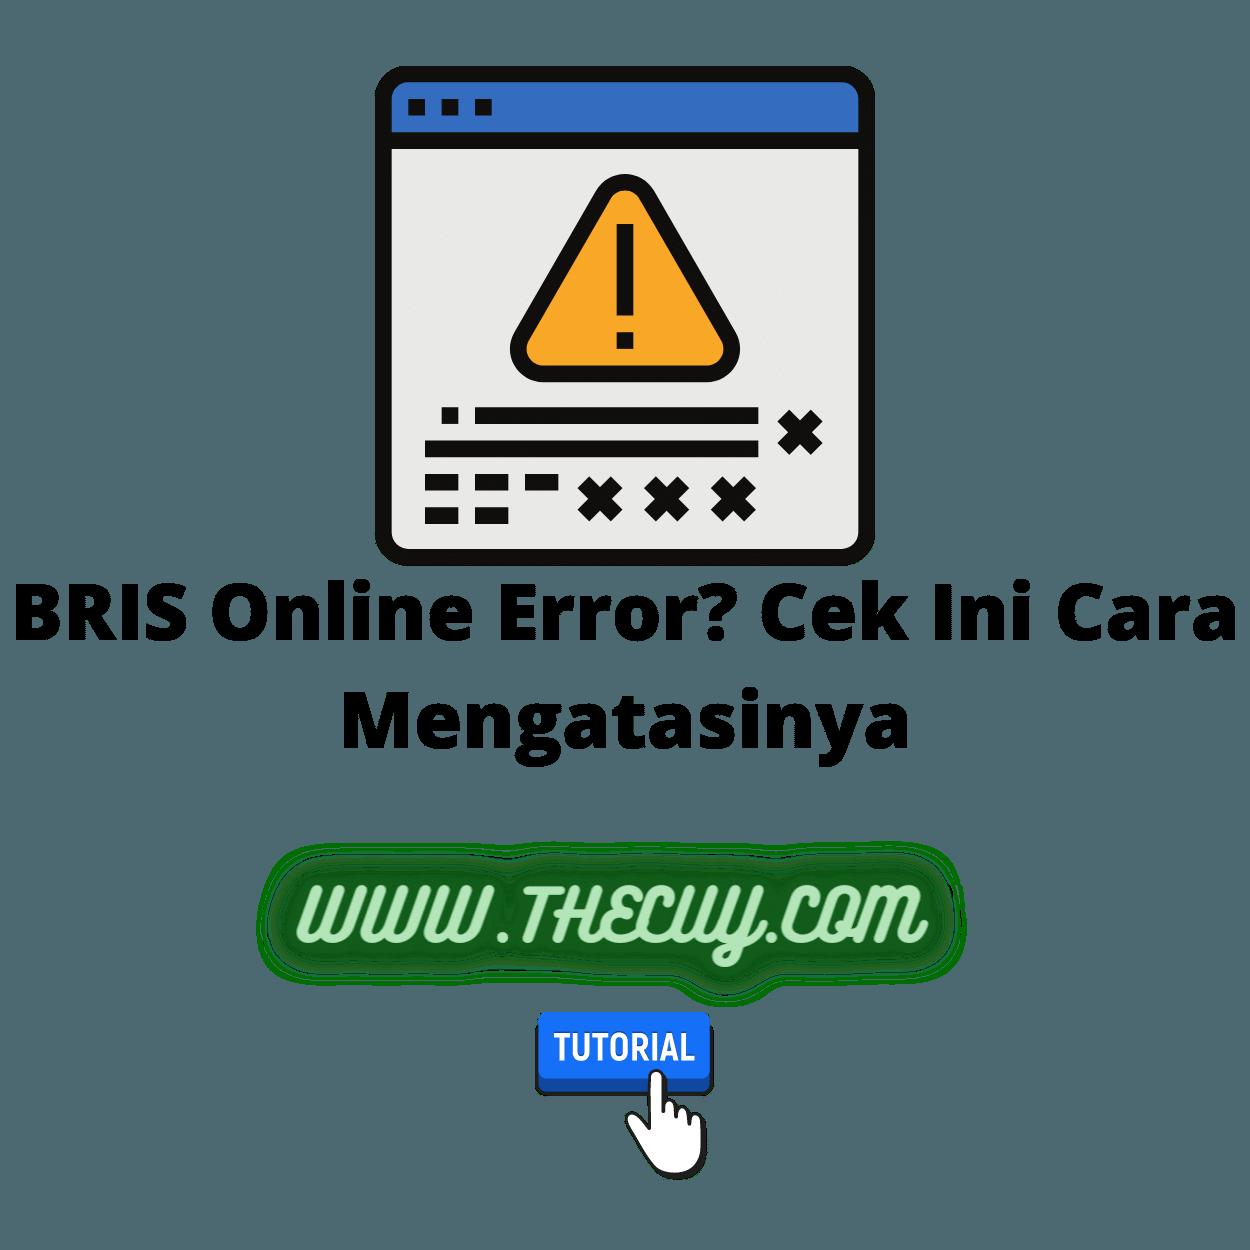 BRIS Online Error? Cek Ini Cara Mengatasinya